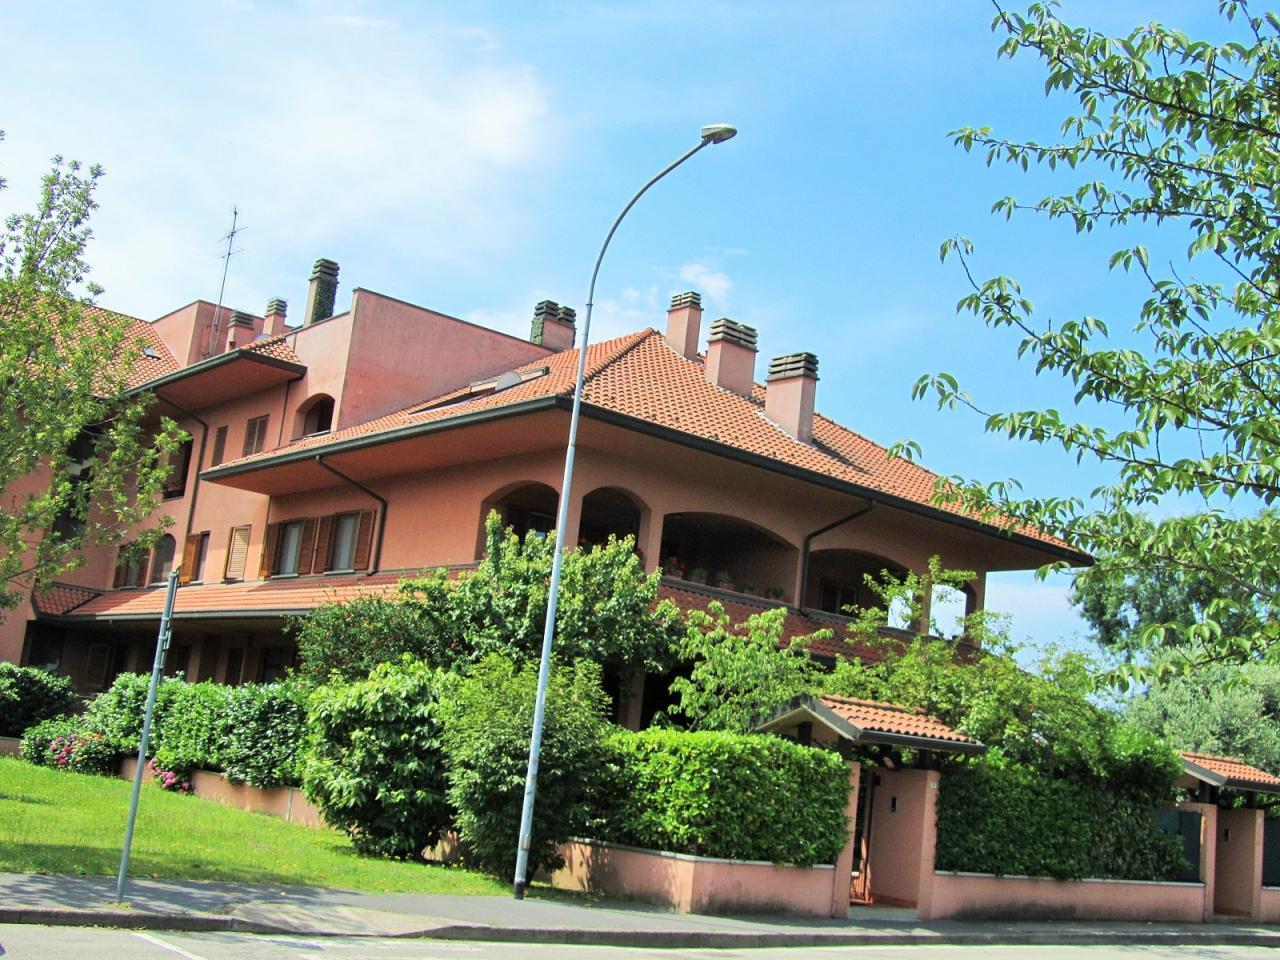 Villa in vendita a Opera, 5 locali, prezzo € 530.000 | PortaleAgenzieImmobiliari.it